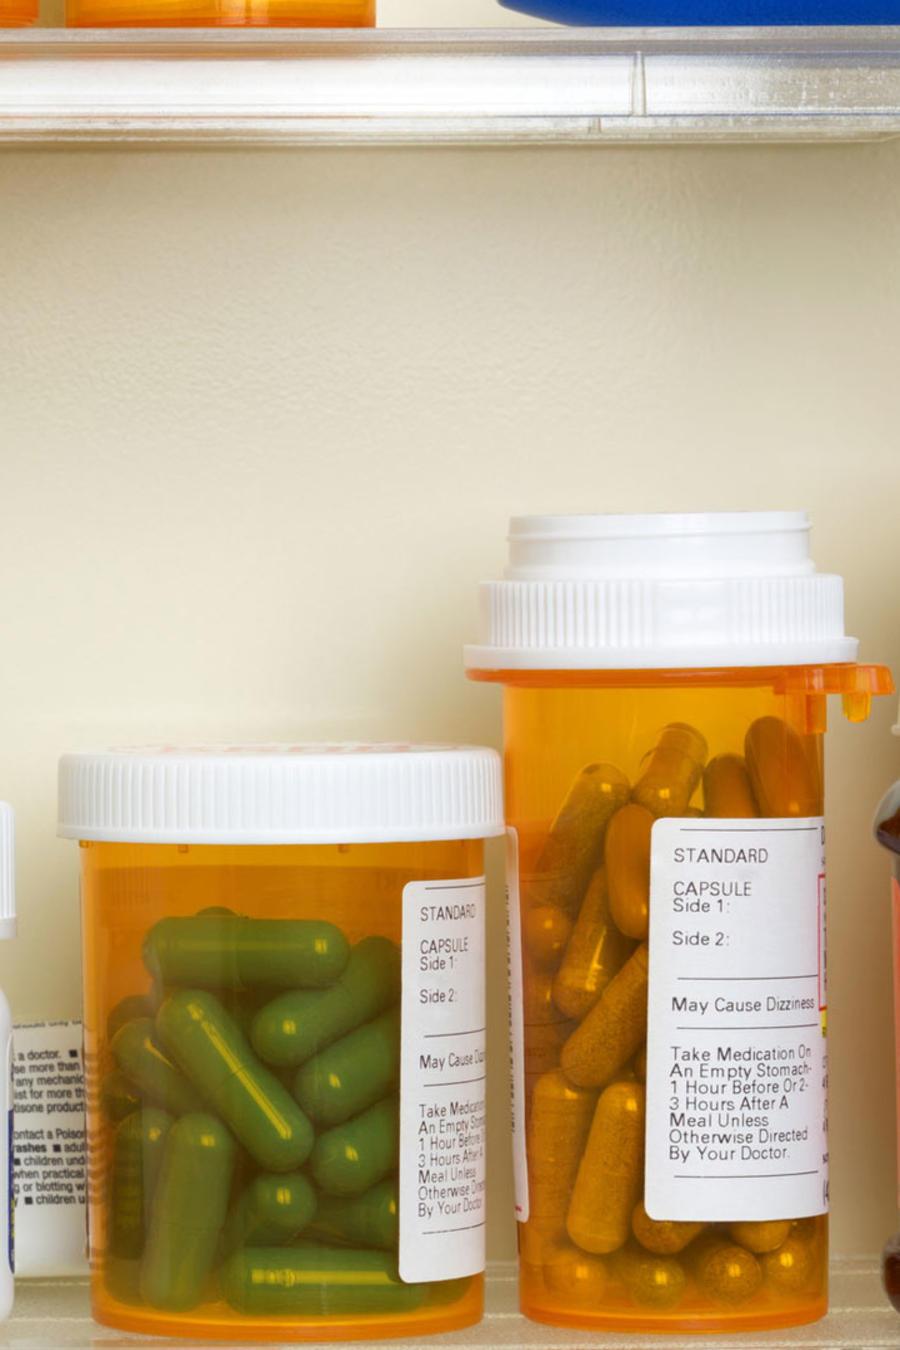 Gabinete de medicinas